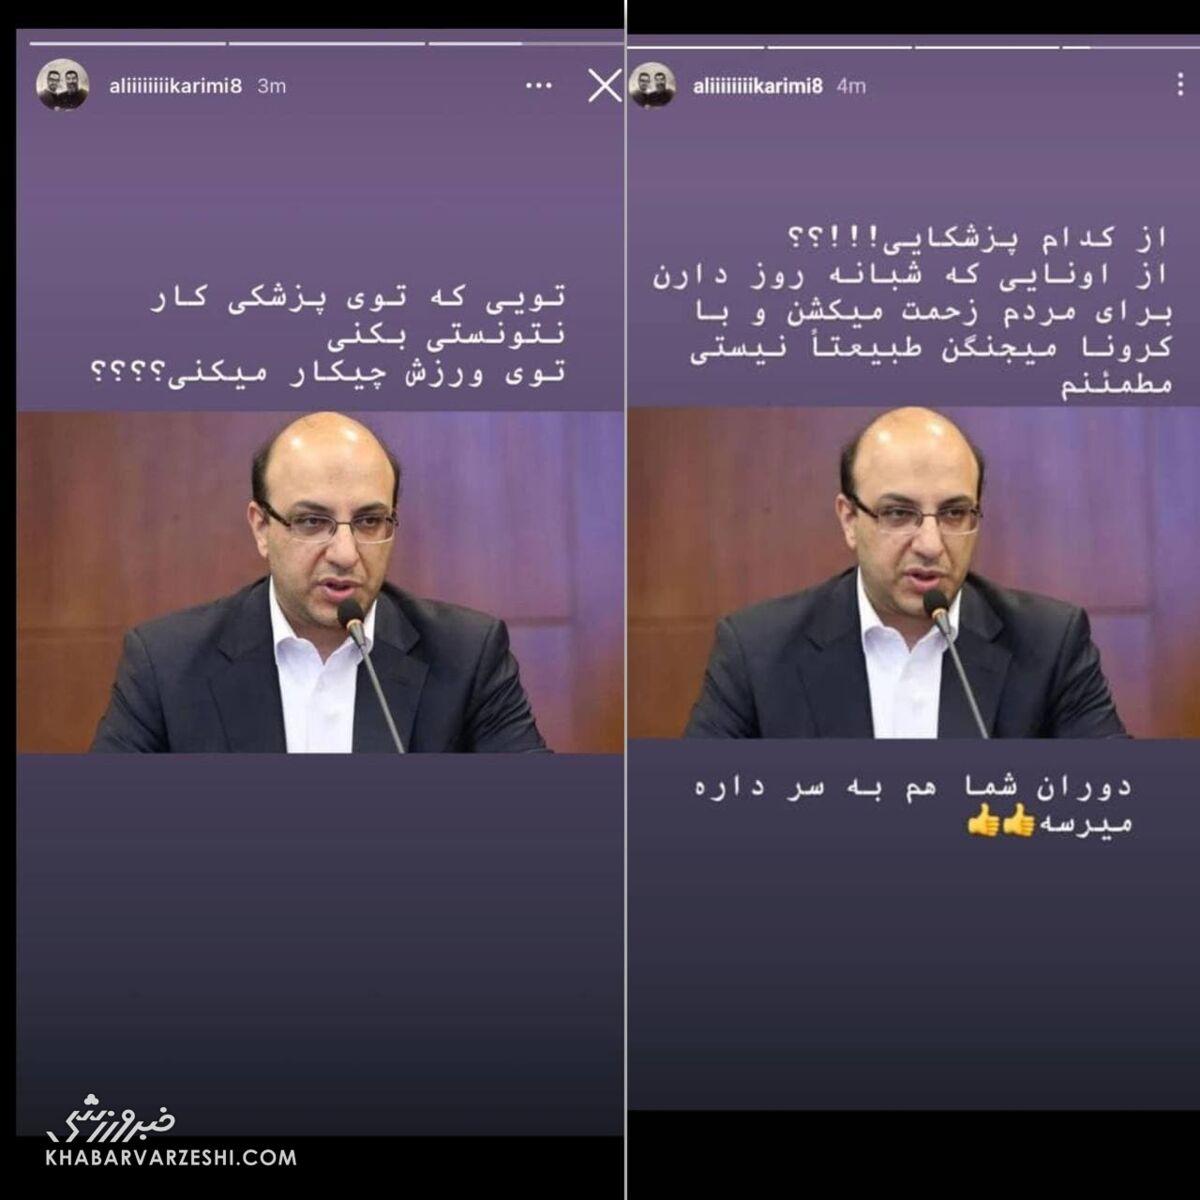 واکنش کنایه آمیز کریمی به علی نژاد/ از کدوم پزشک ها هستی؟